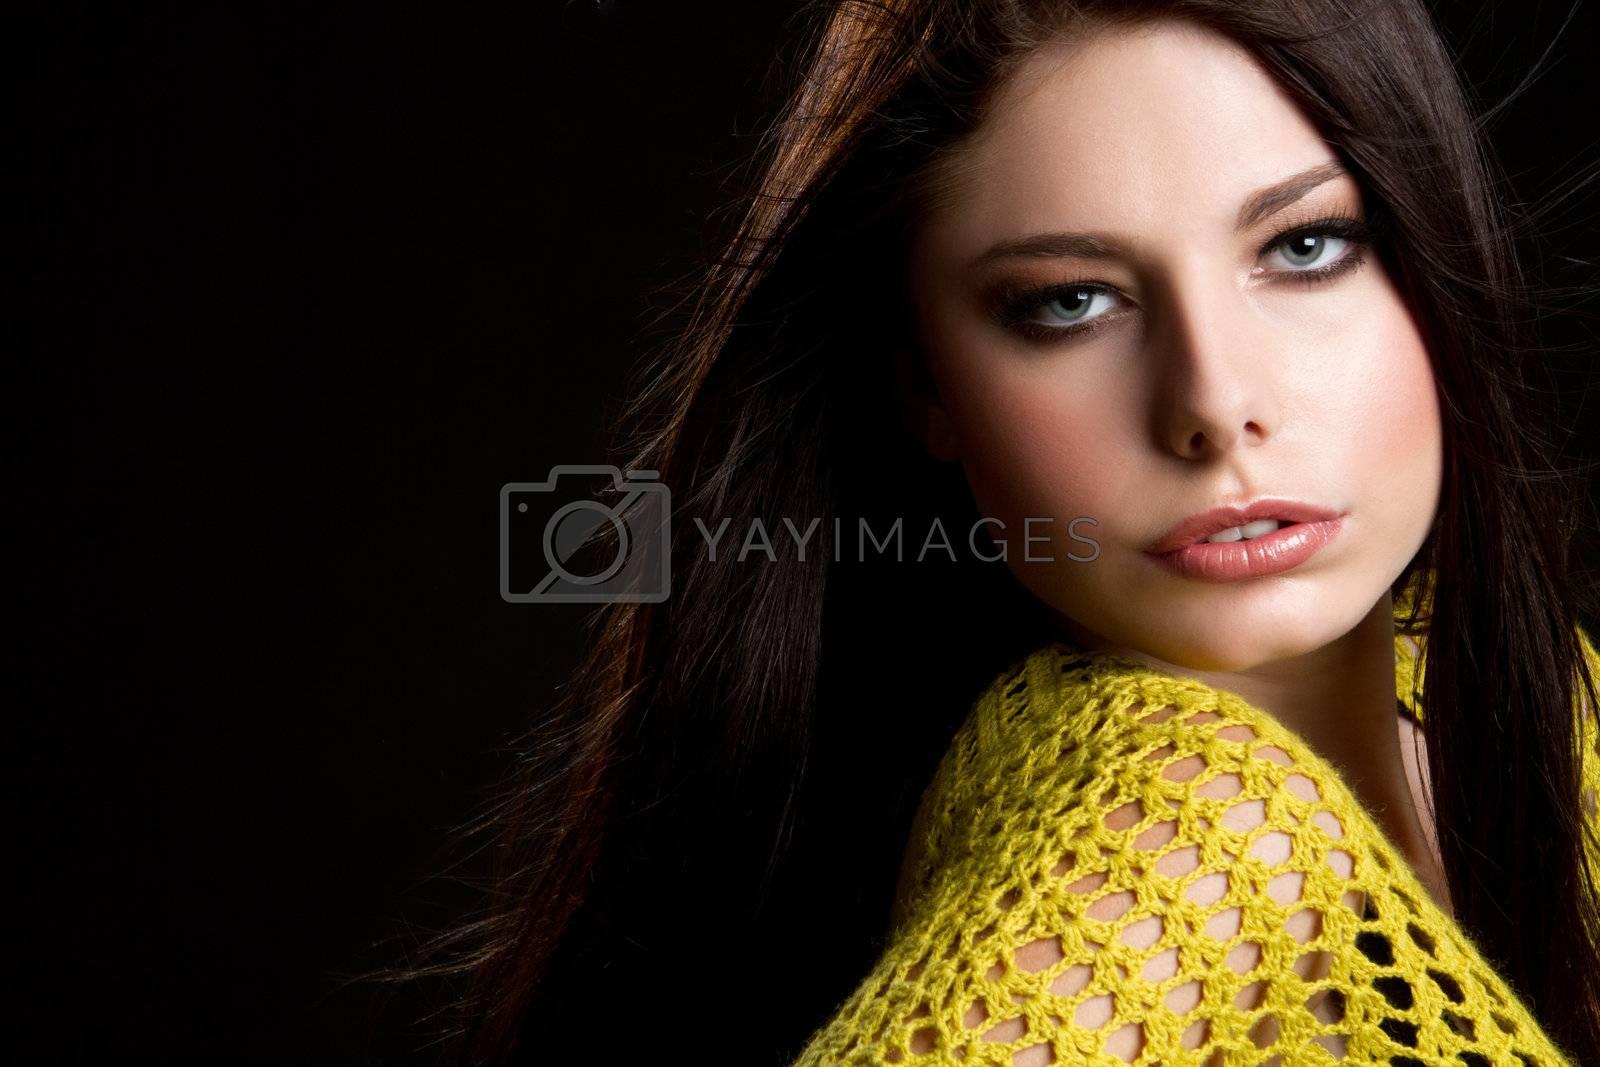 Pretty young fashion model woman